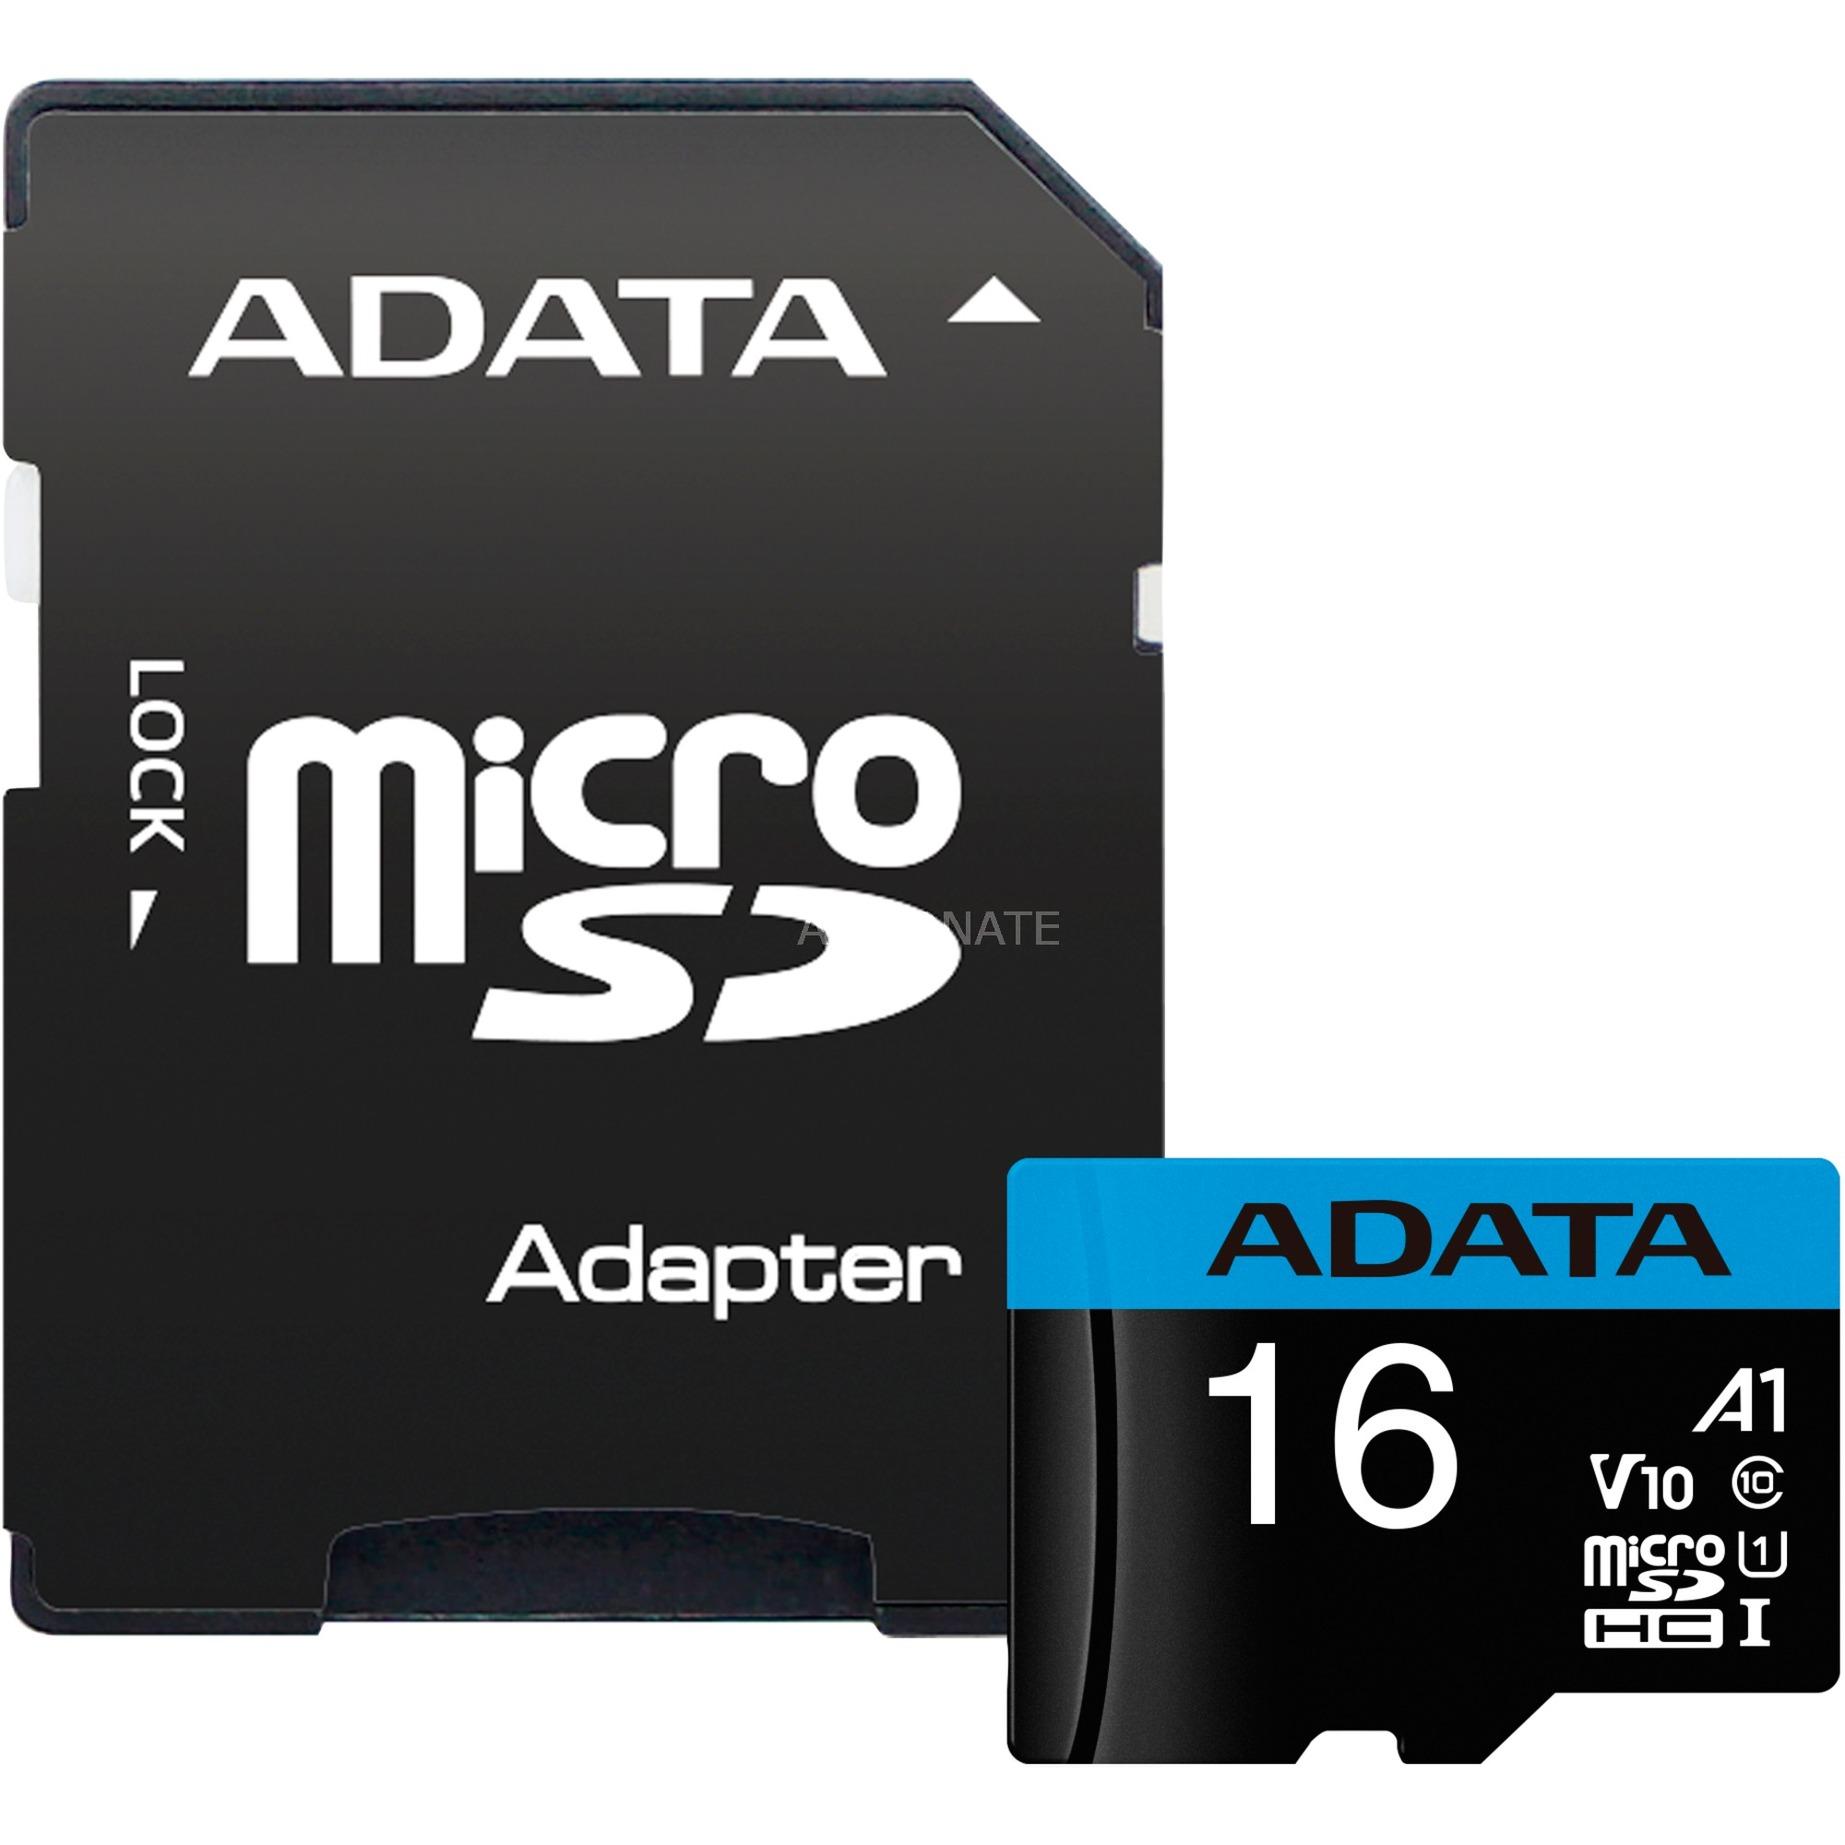 16GB, microSDHC, Class 10 memoria flash Clase 10 UHS-I, Tarjeta de memoria